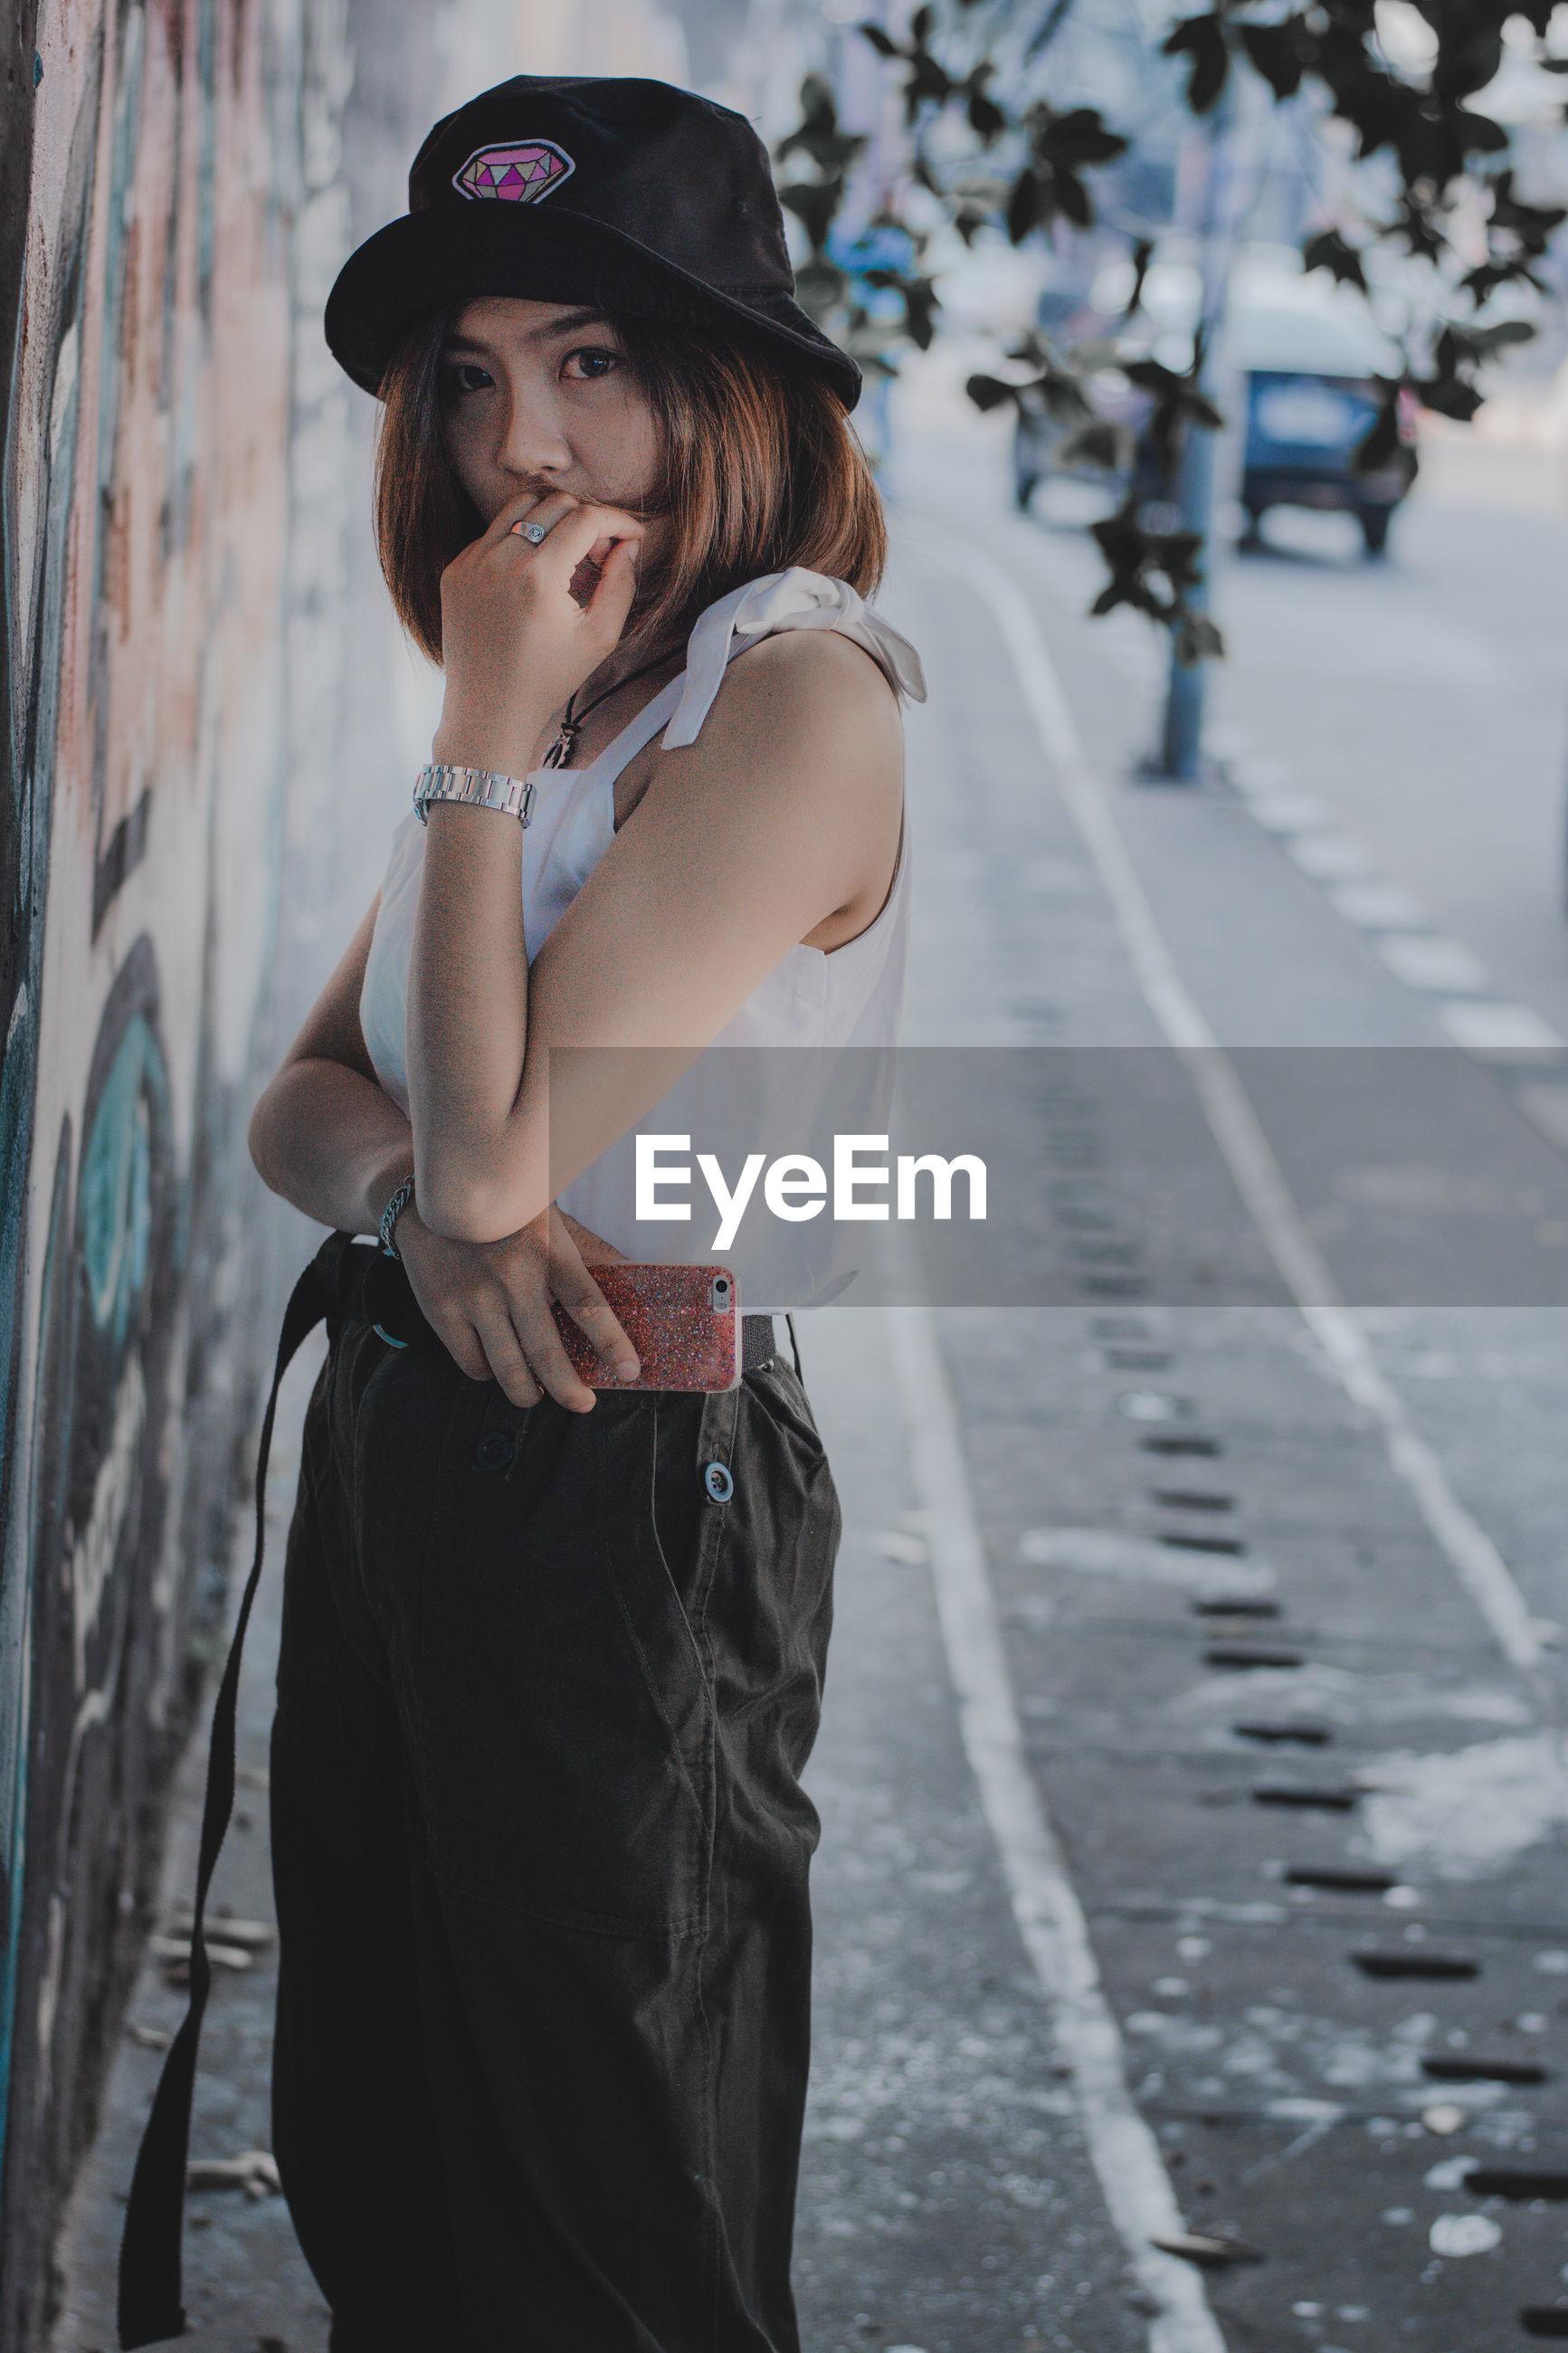 Portrait of woman standing on sidewalk in city